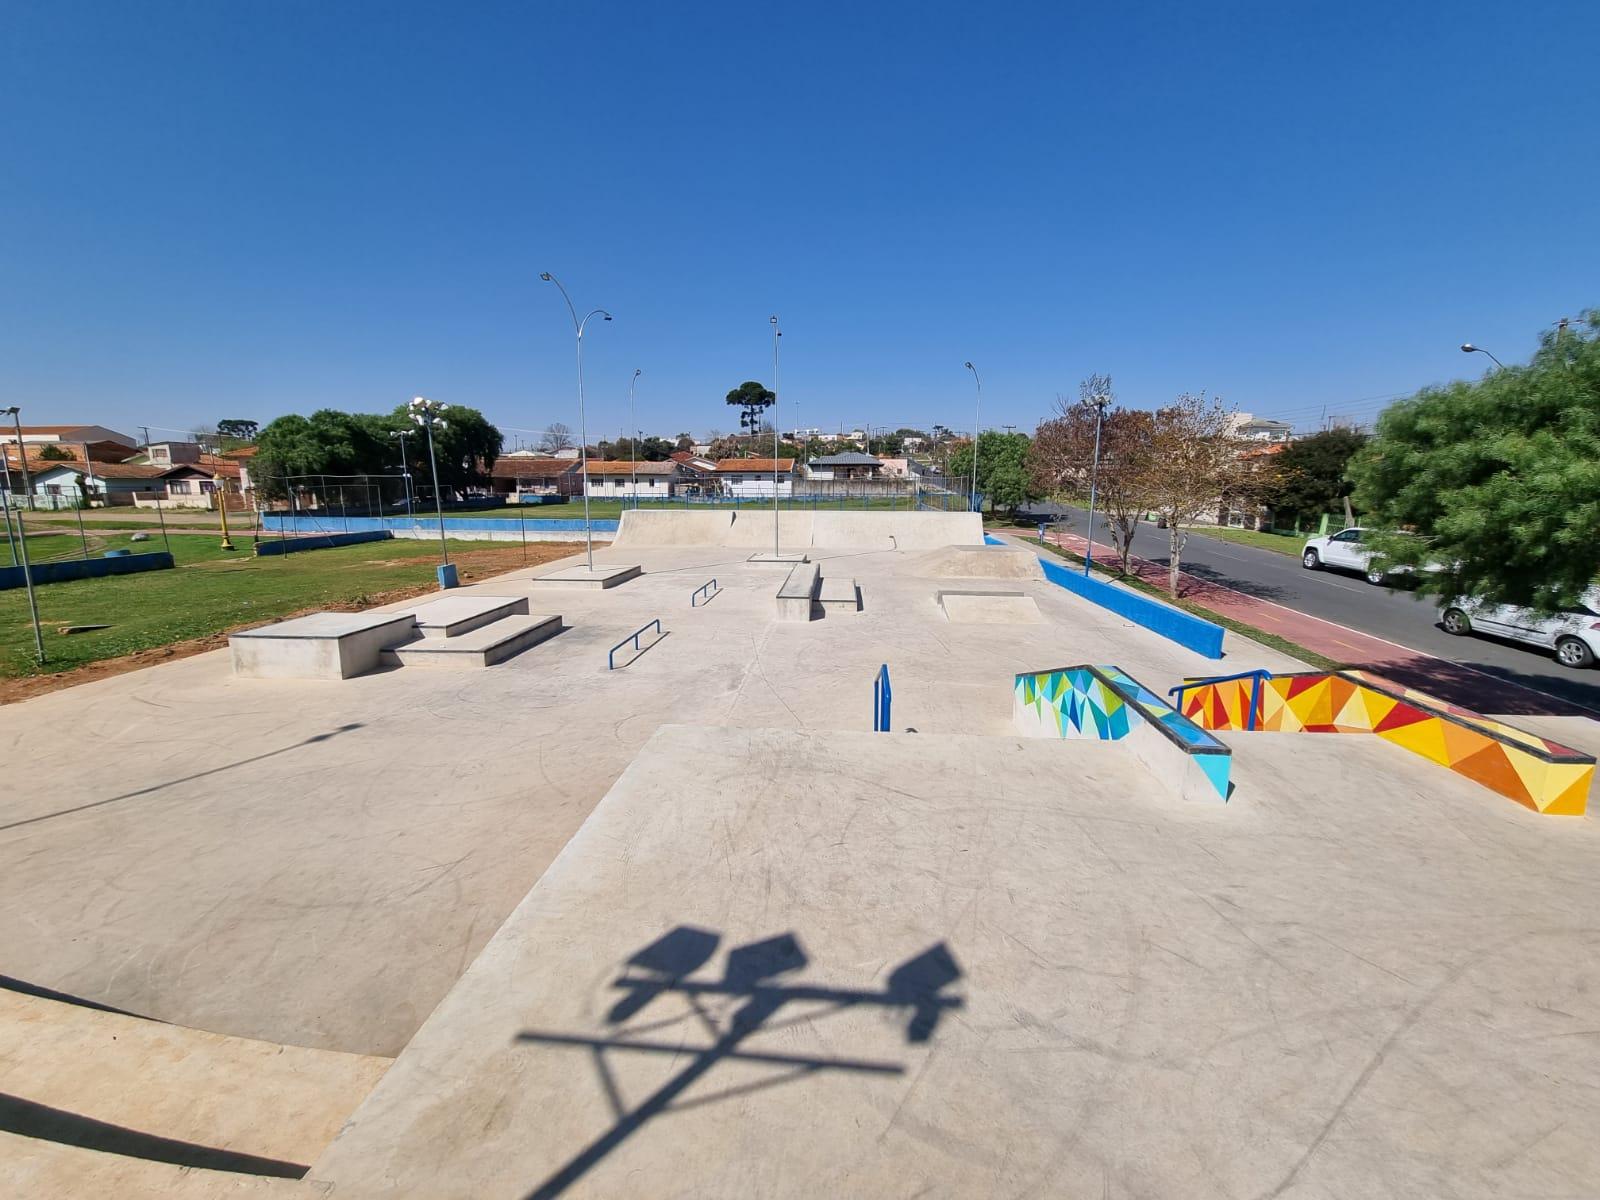 Com a presença da deputada Leandre, Irati inaugura pista de skate nesta sexta-feira